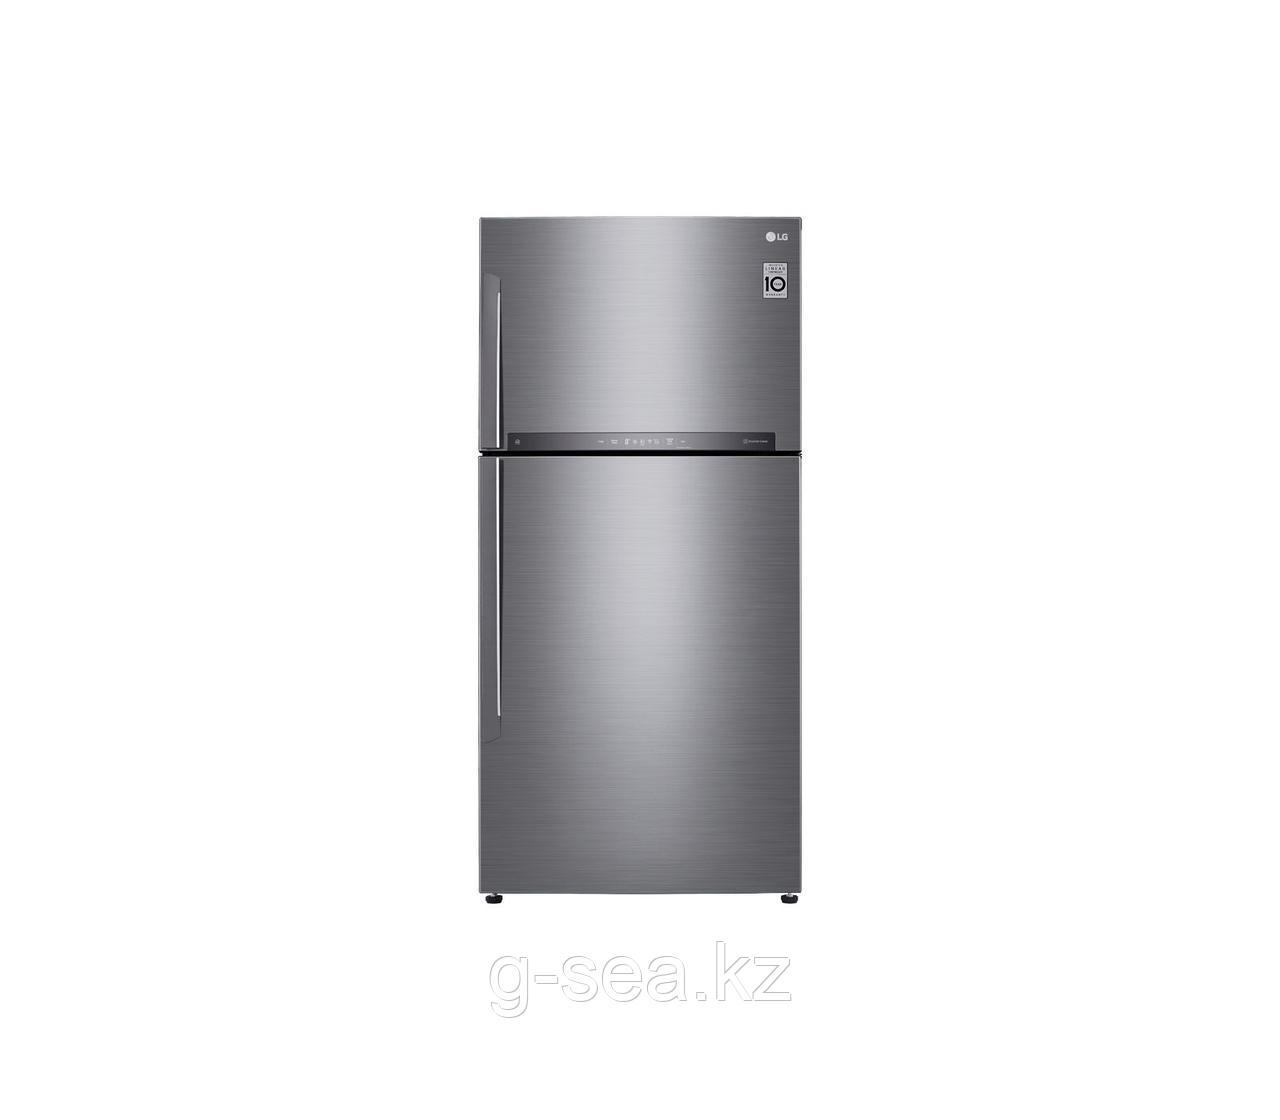 LG GR-H802HMHZ/холодильник